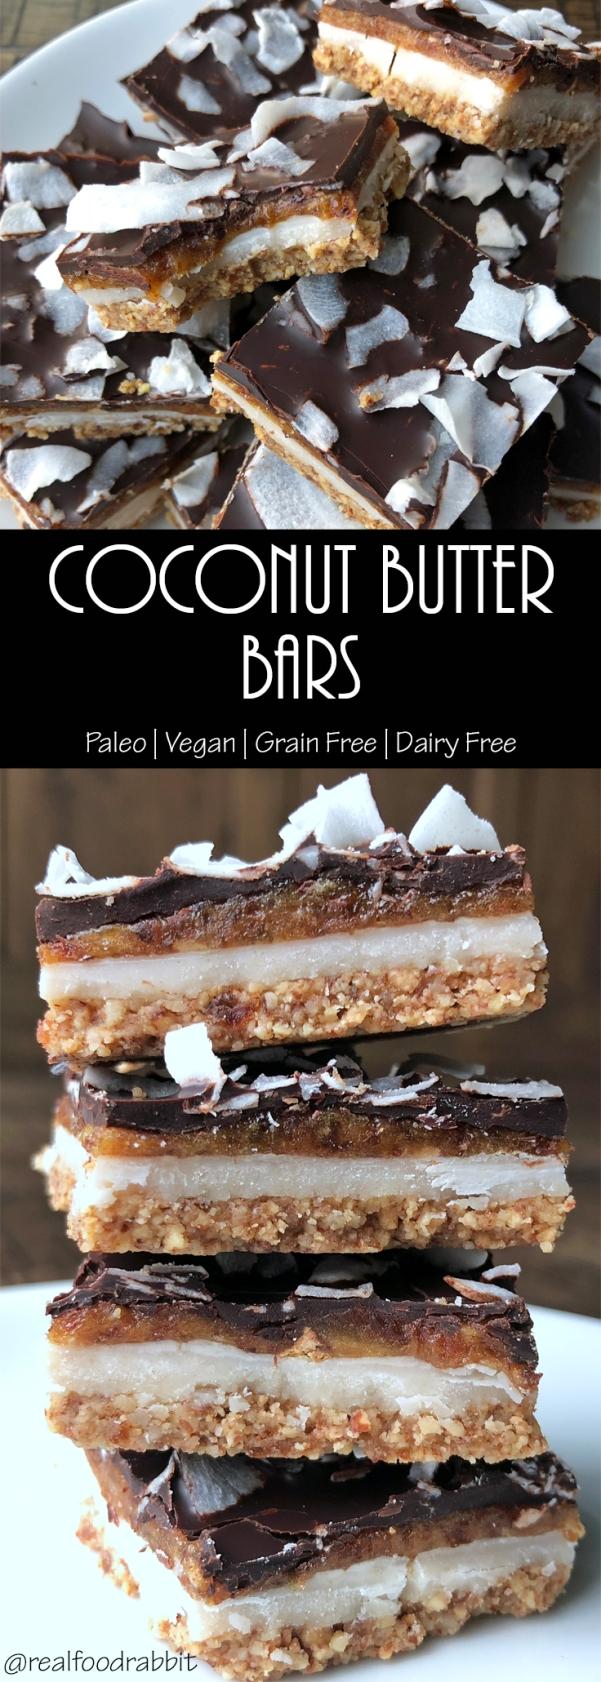 Coconut Butter Bars.jpg